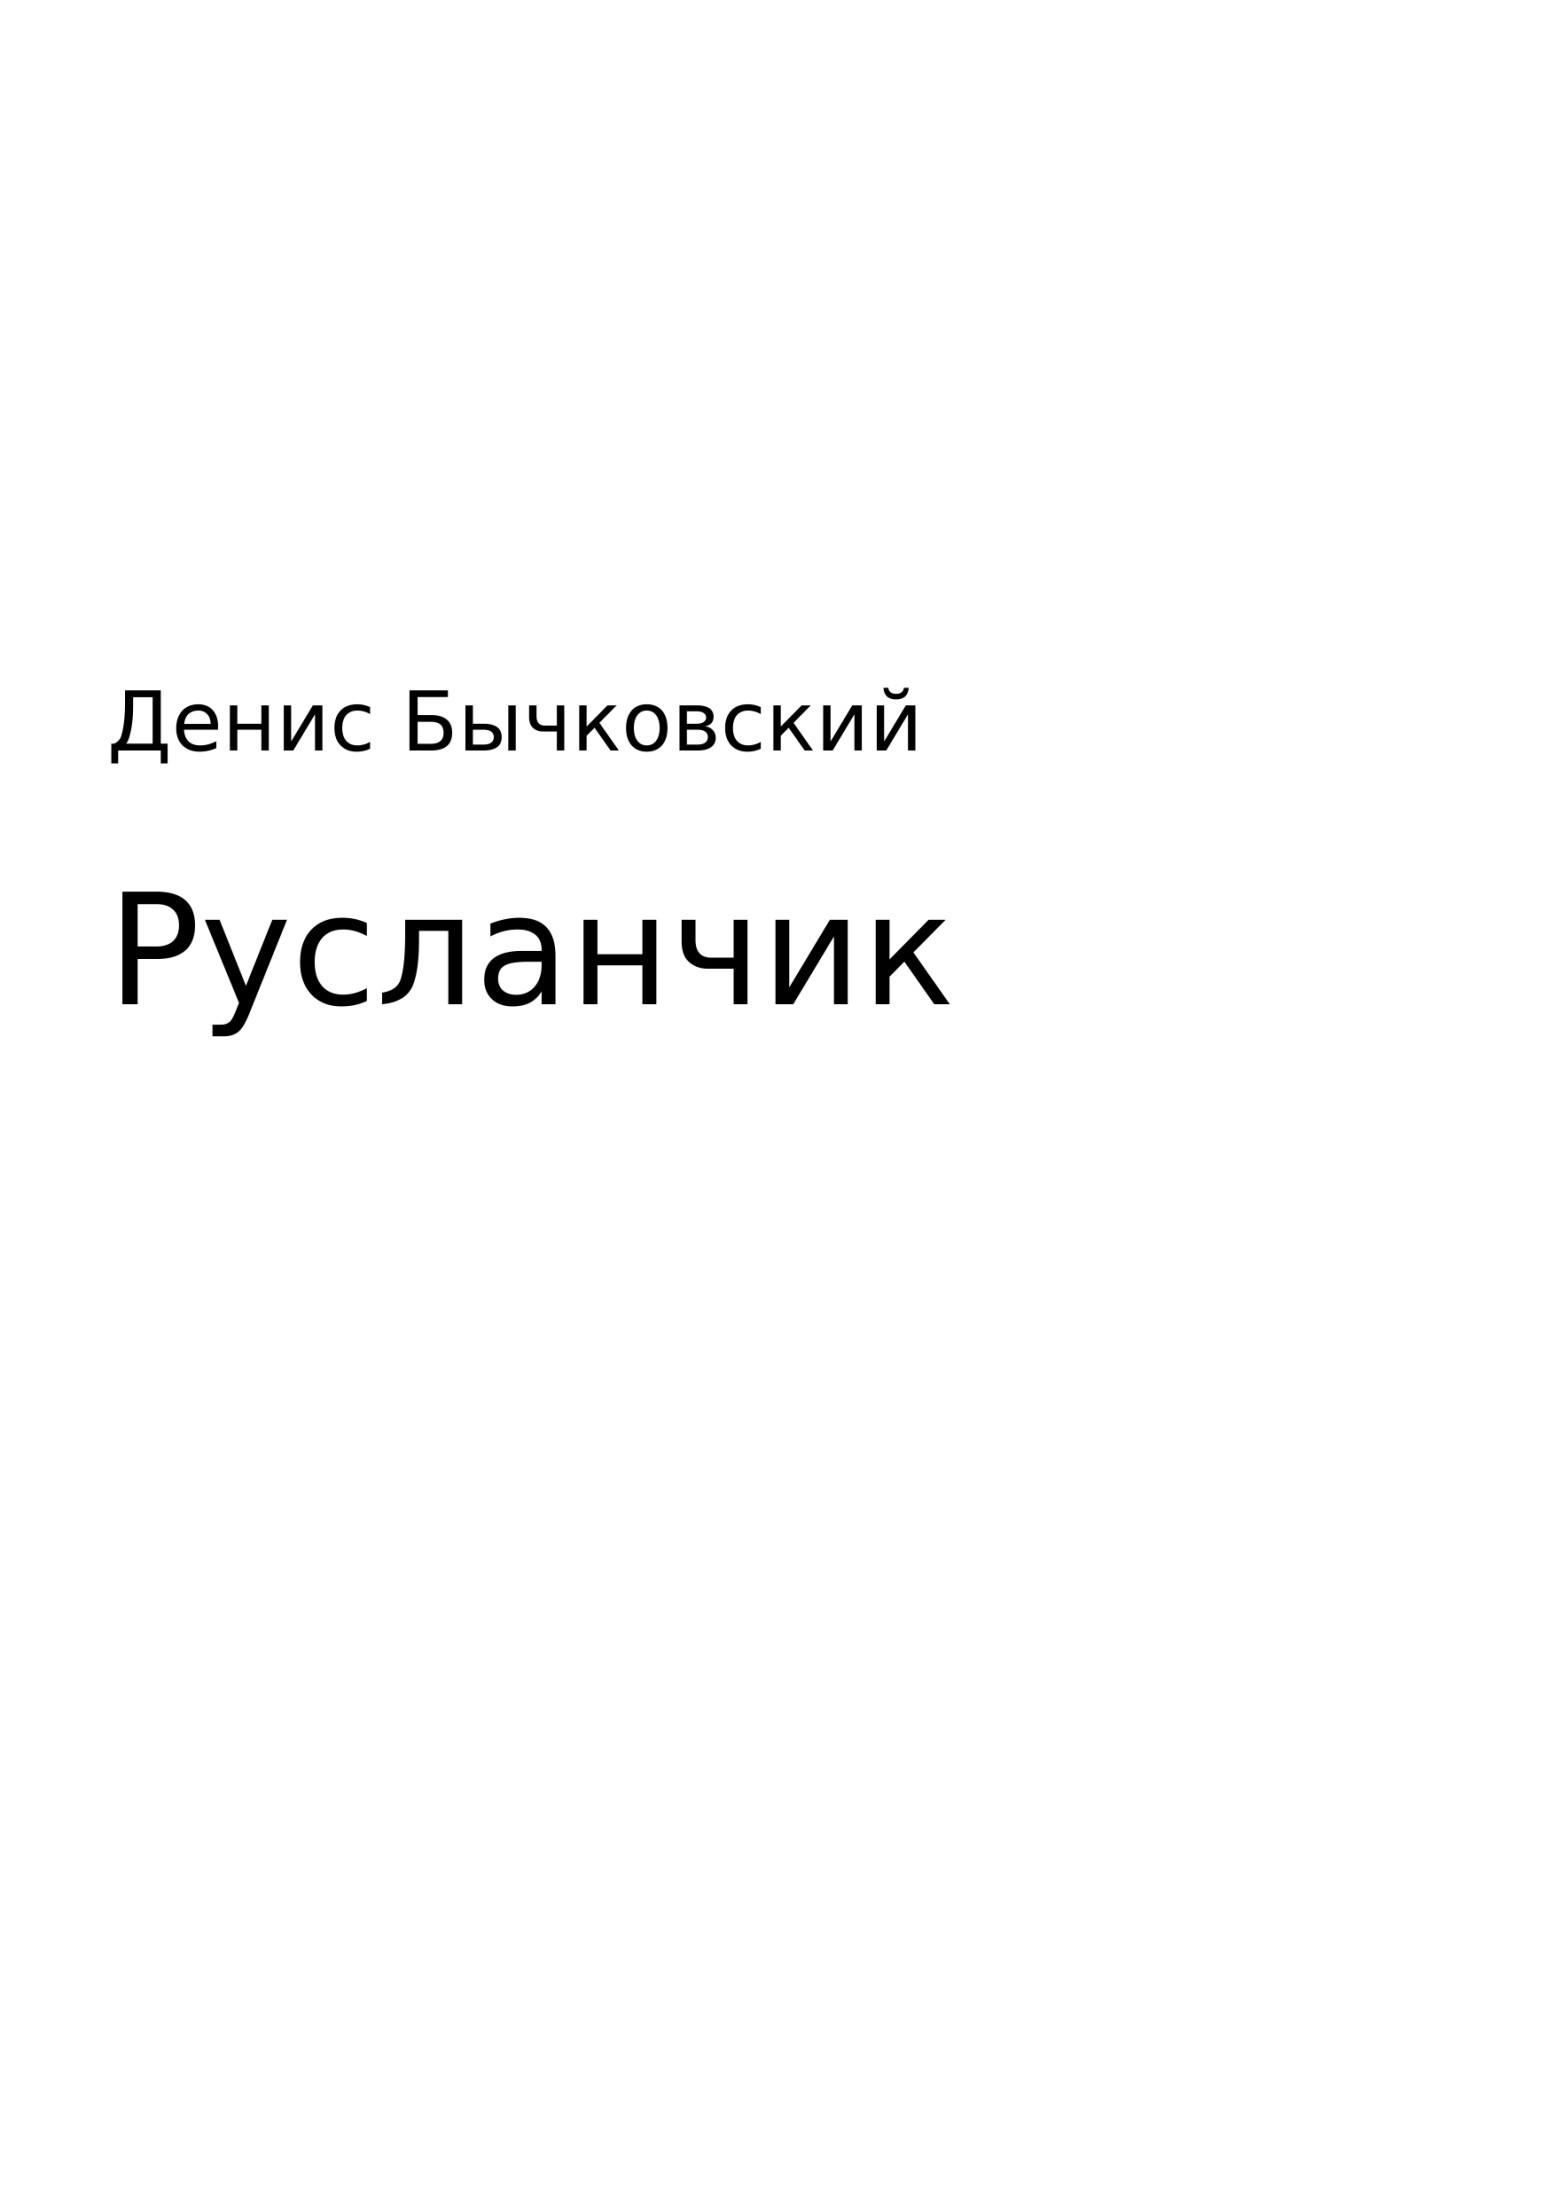 Русланчик